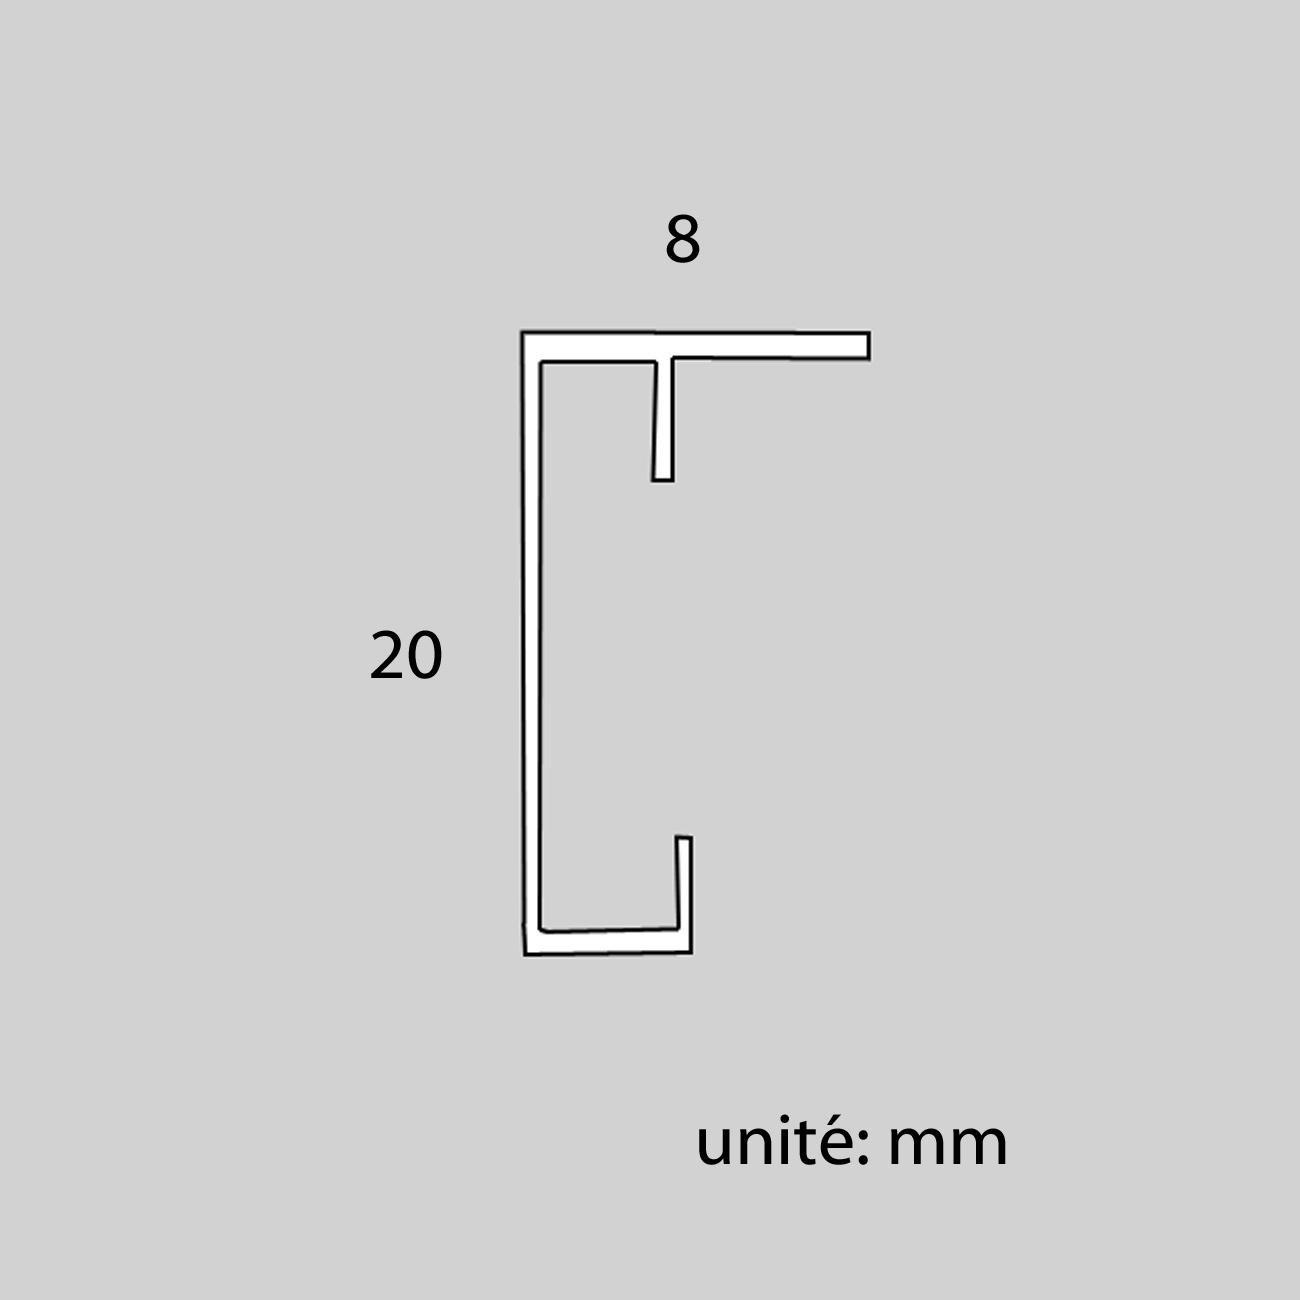 Cadre cadre complet de dimensions 20x30 cm, à suspendre. plexi une face normale, une face anti reflet. attache horizontale et verticale. montage et démontage rapide par ressort. fond en isorel. - 20x30